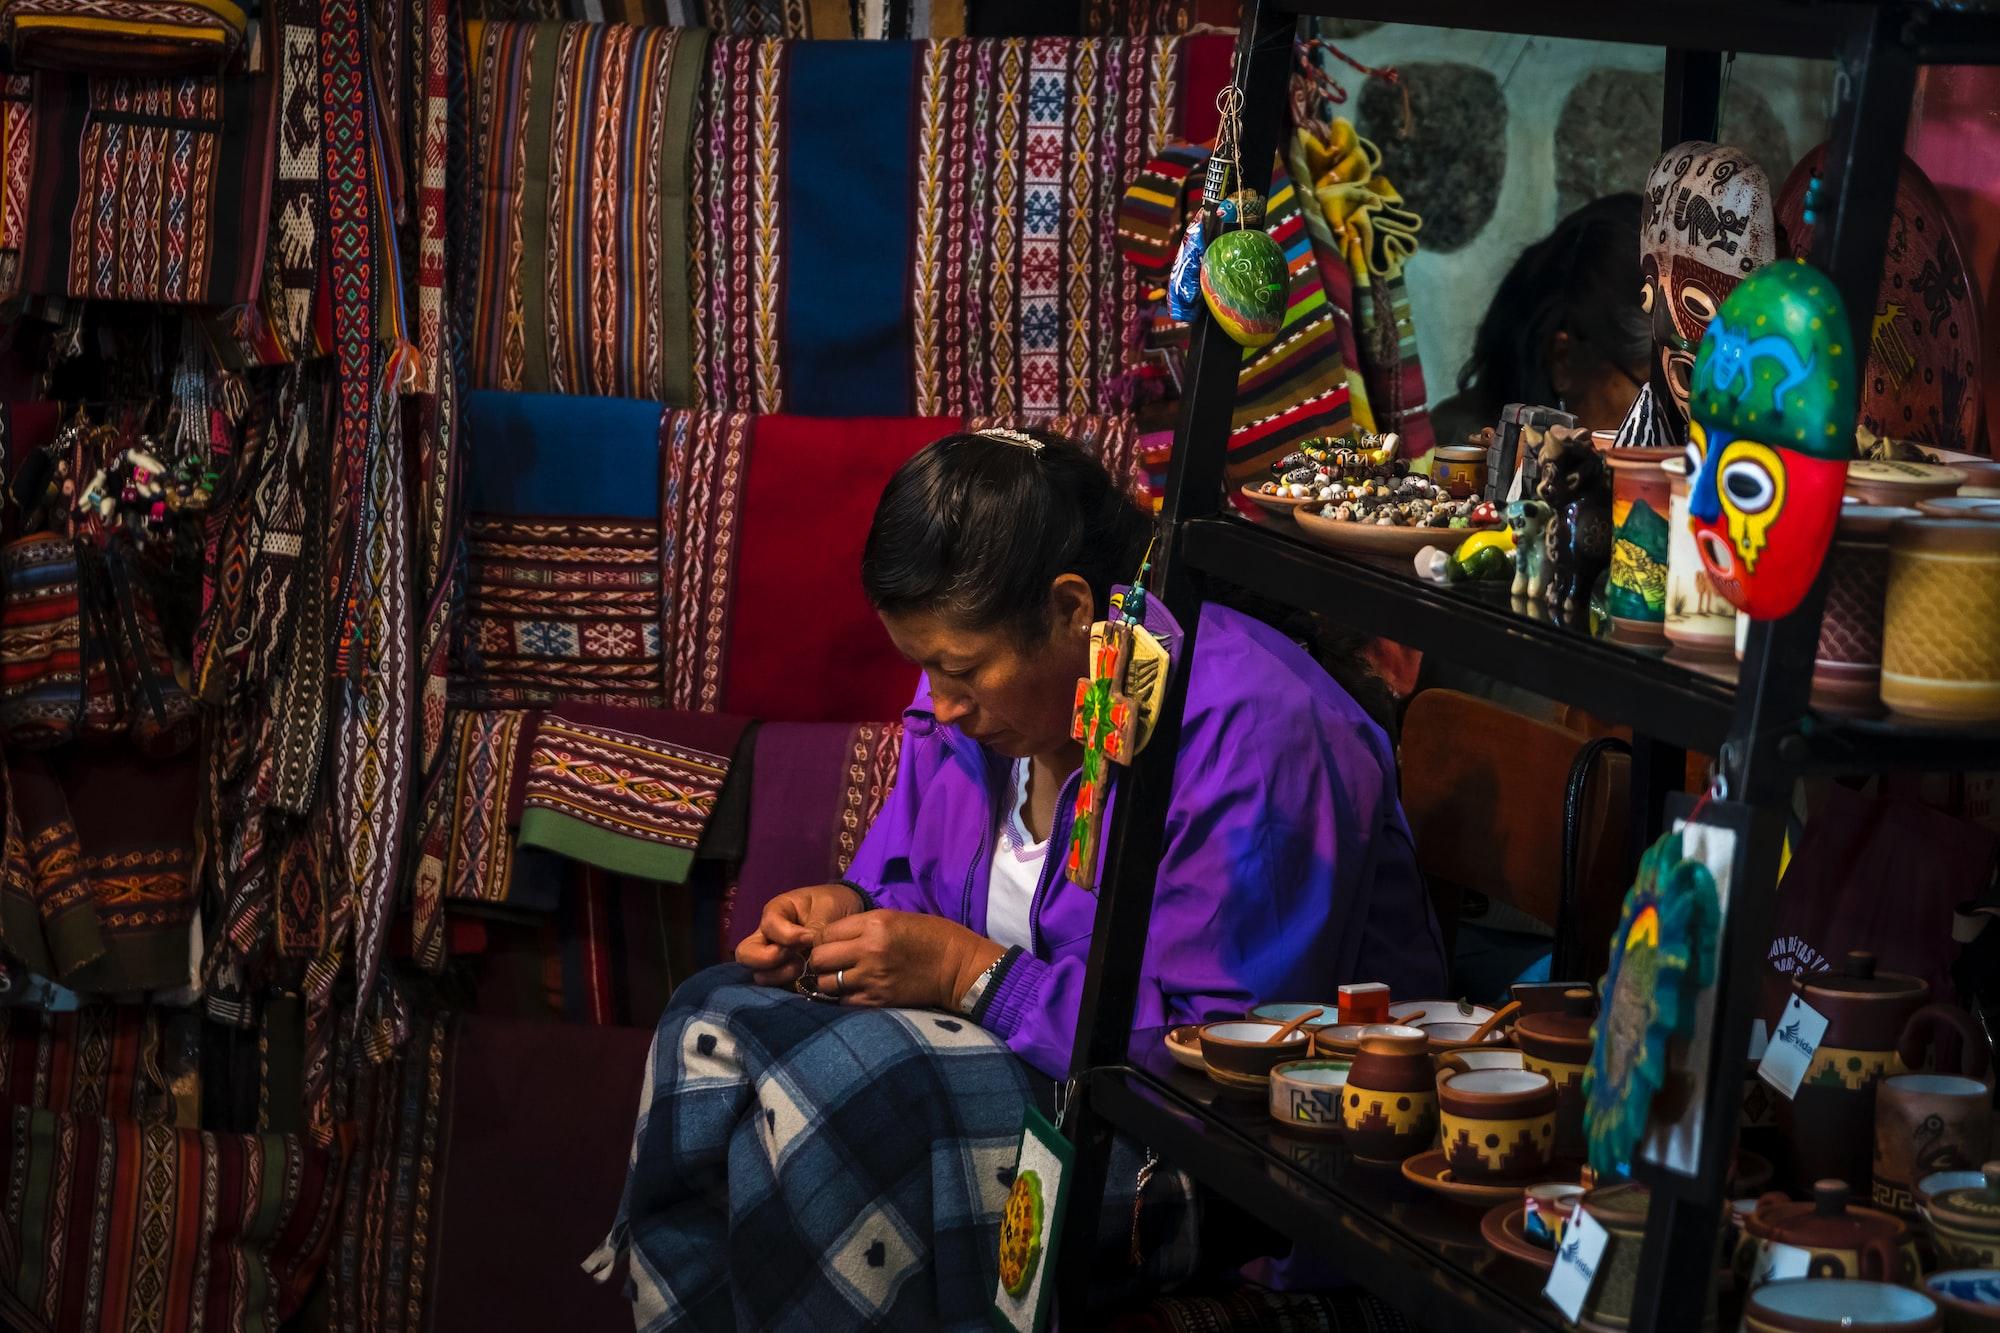 Todo sobre los salarios mínimos para 2021 en países de Latinoamérica: Perú